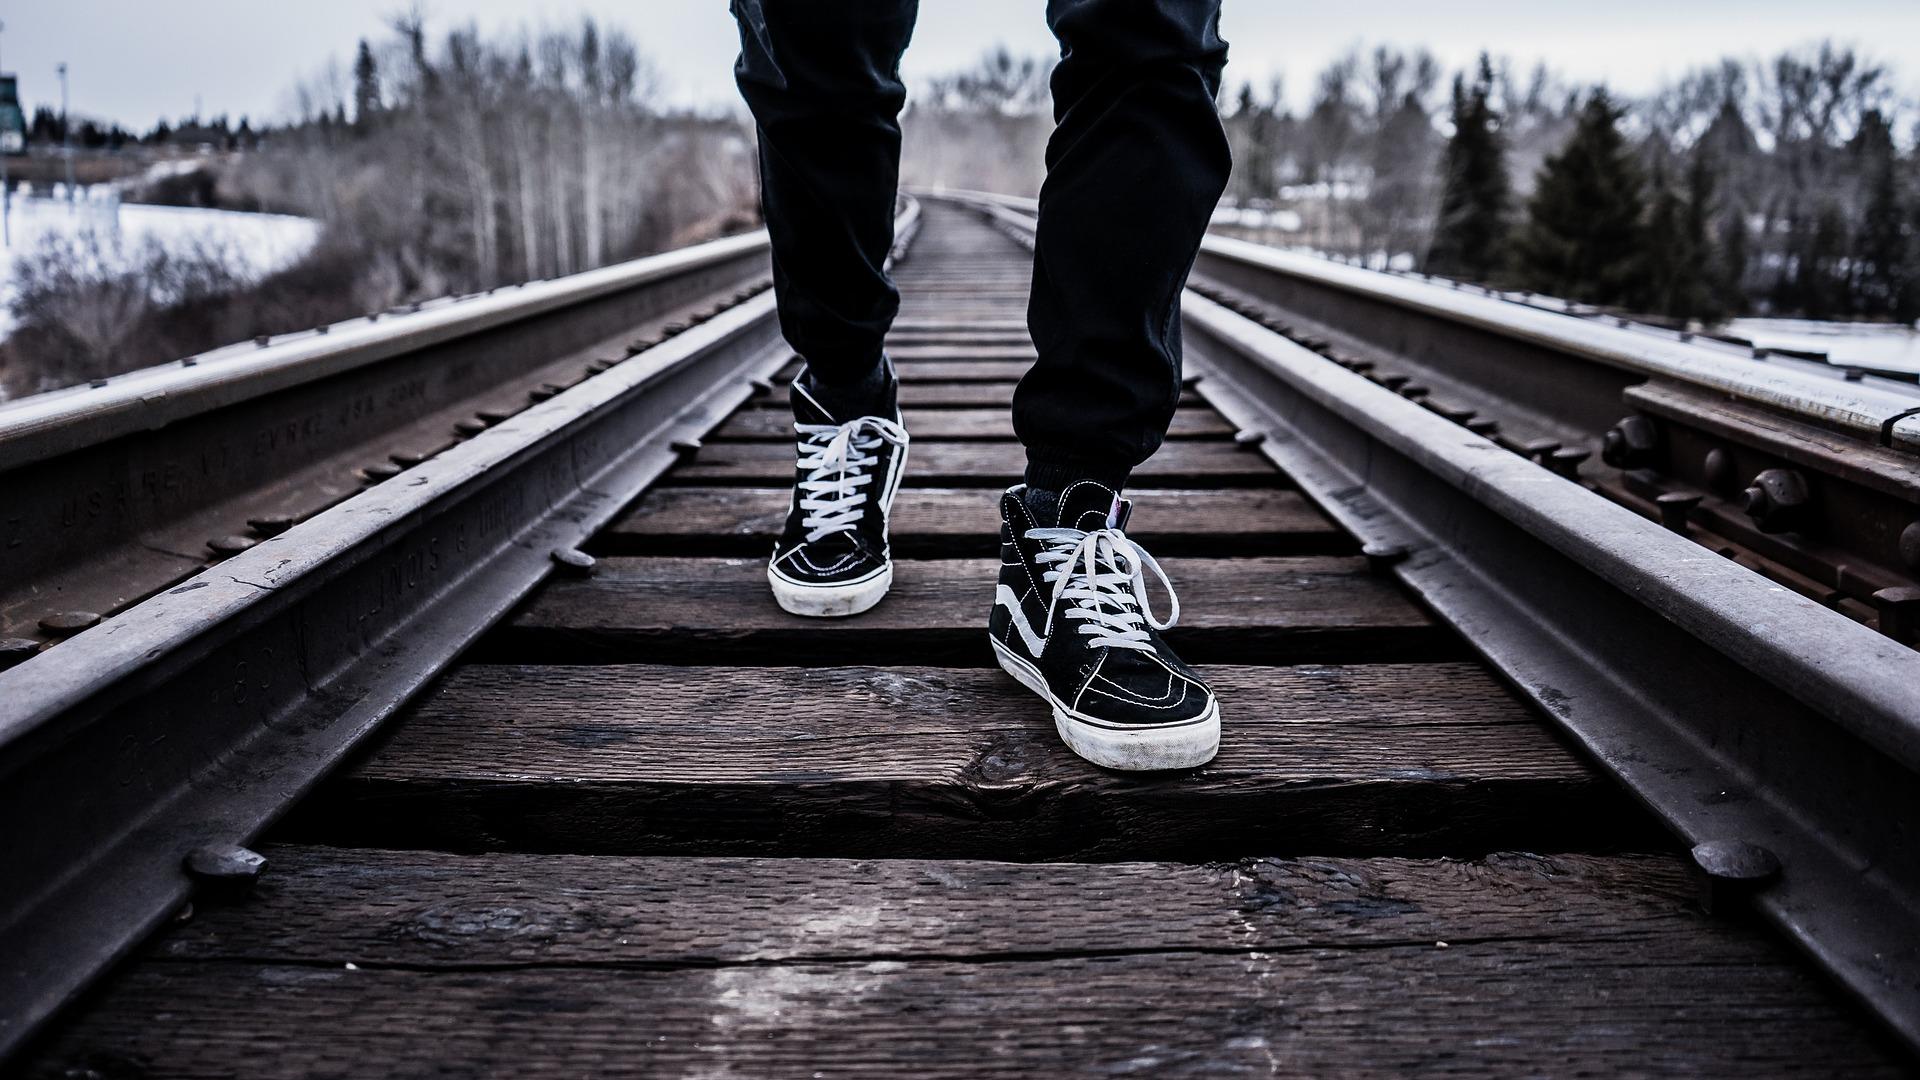 歩き方で人生が変わる!収入と歩行の関係、仕事は立ったり座ったりがいい?